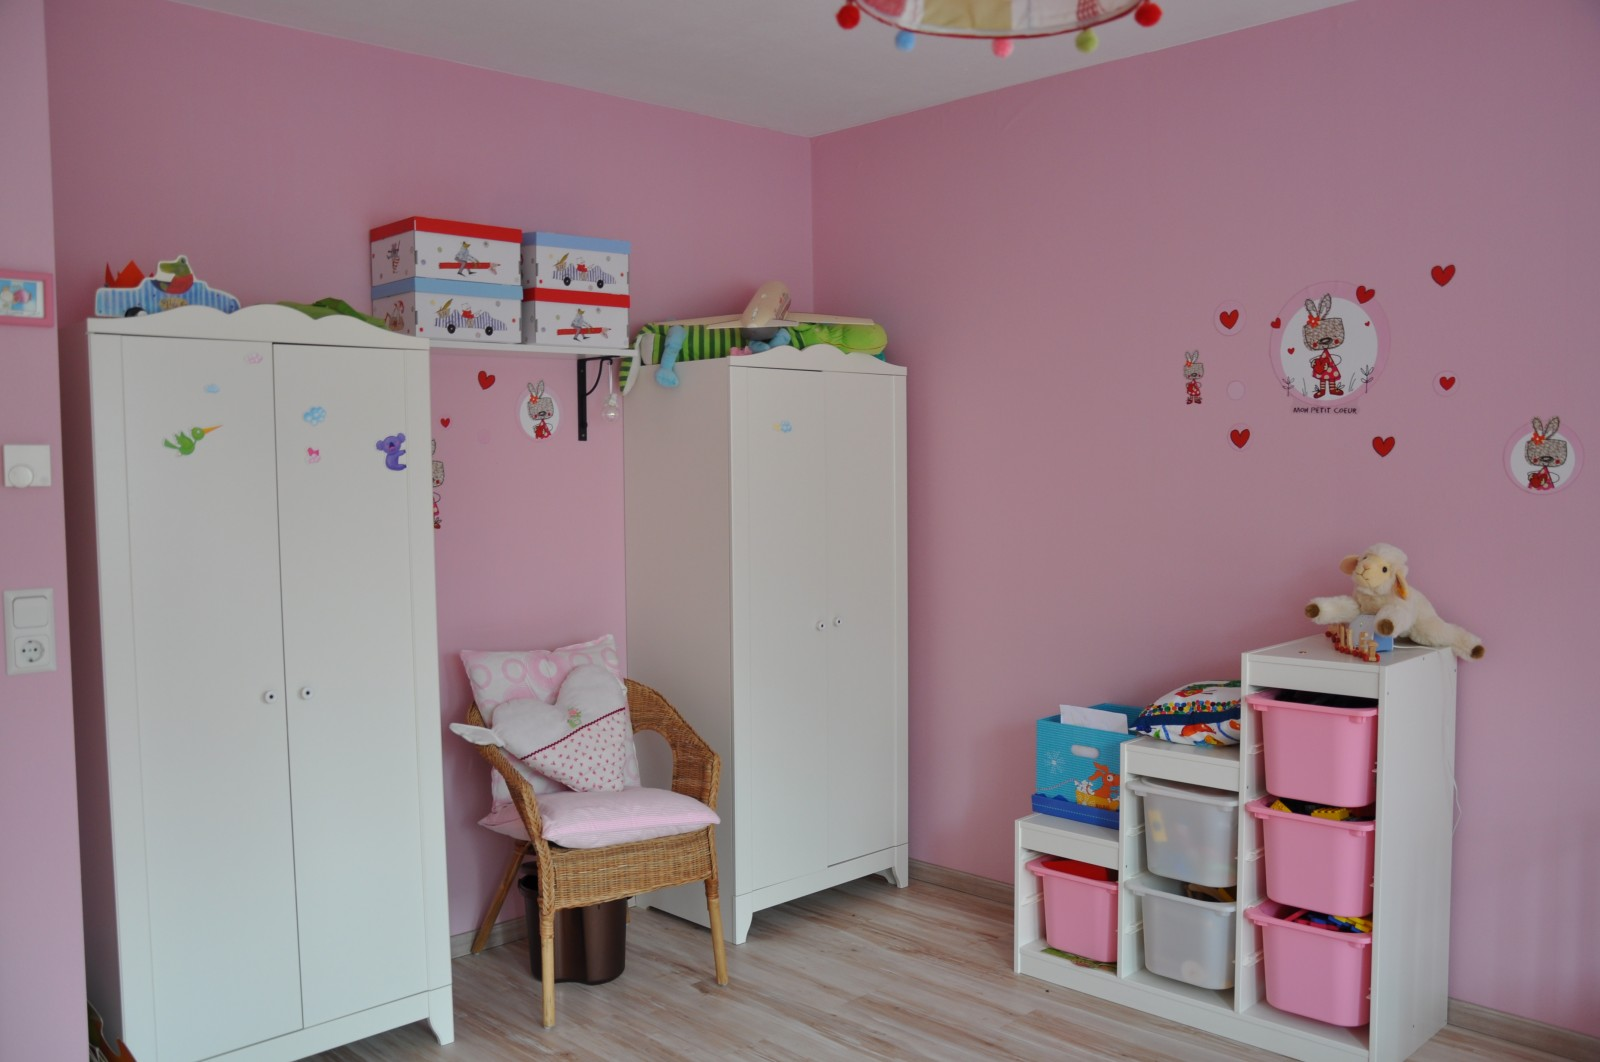 Kinderzimmer 39 kleinkindtraum in rosa 39 unser kleines h uschen zimmerschau - Rosa kinderzimmer ...